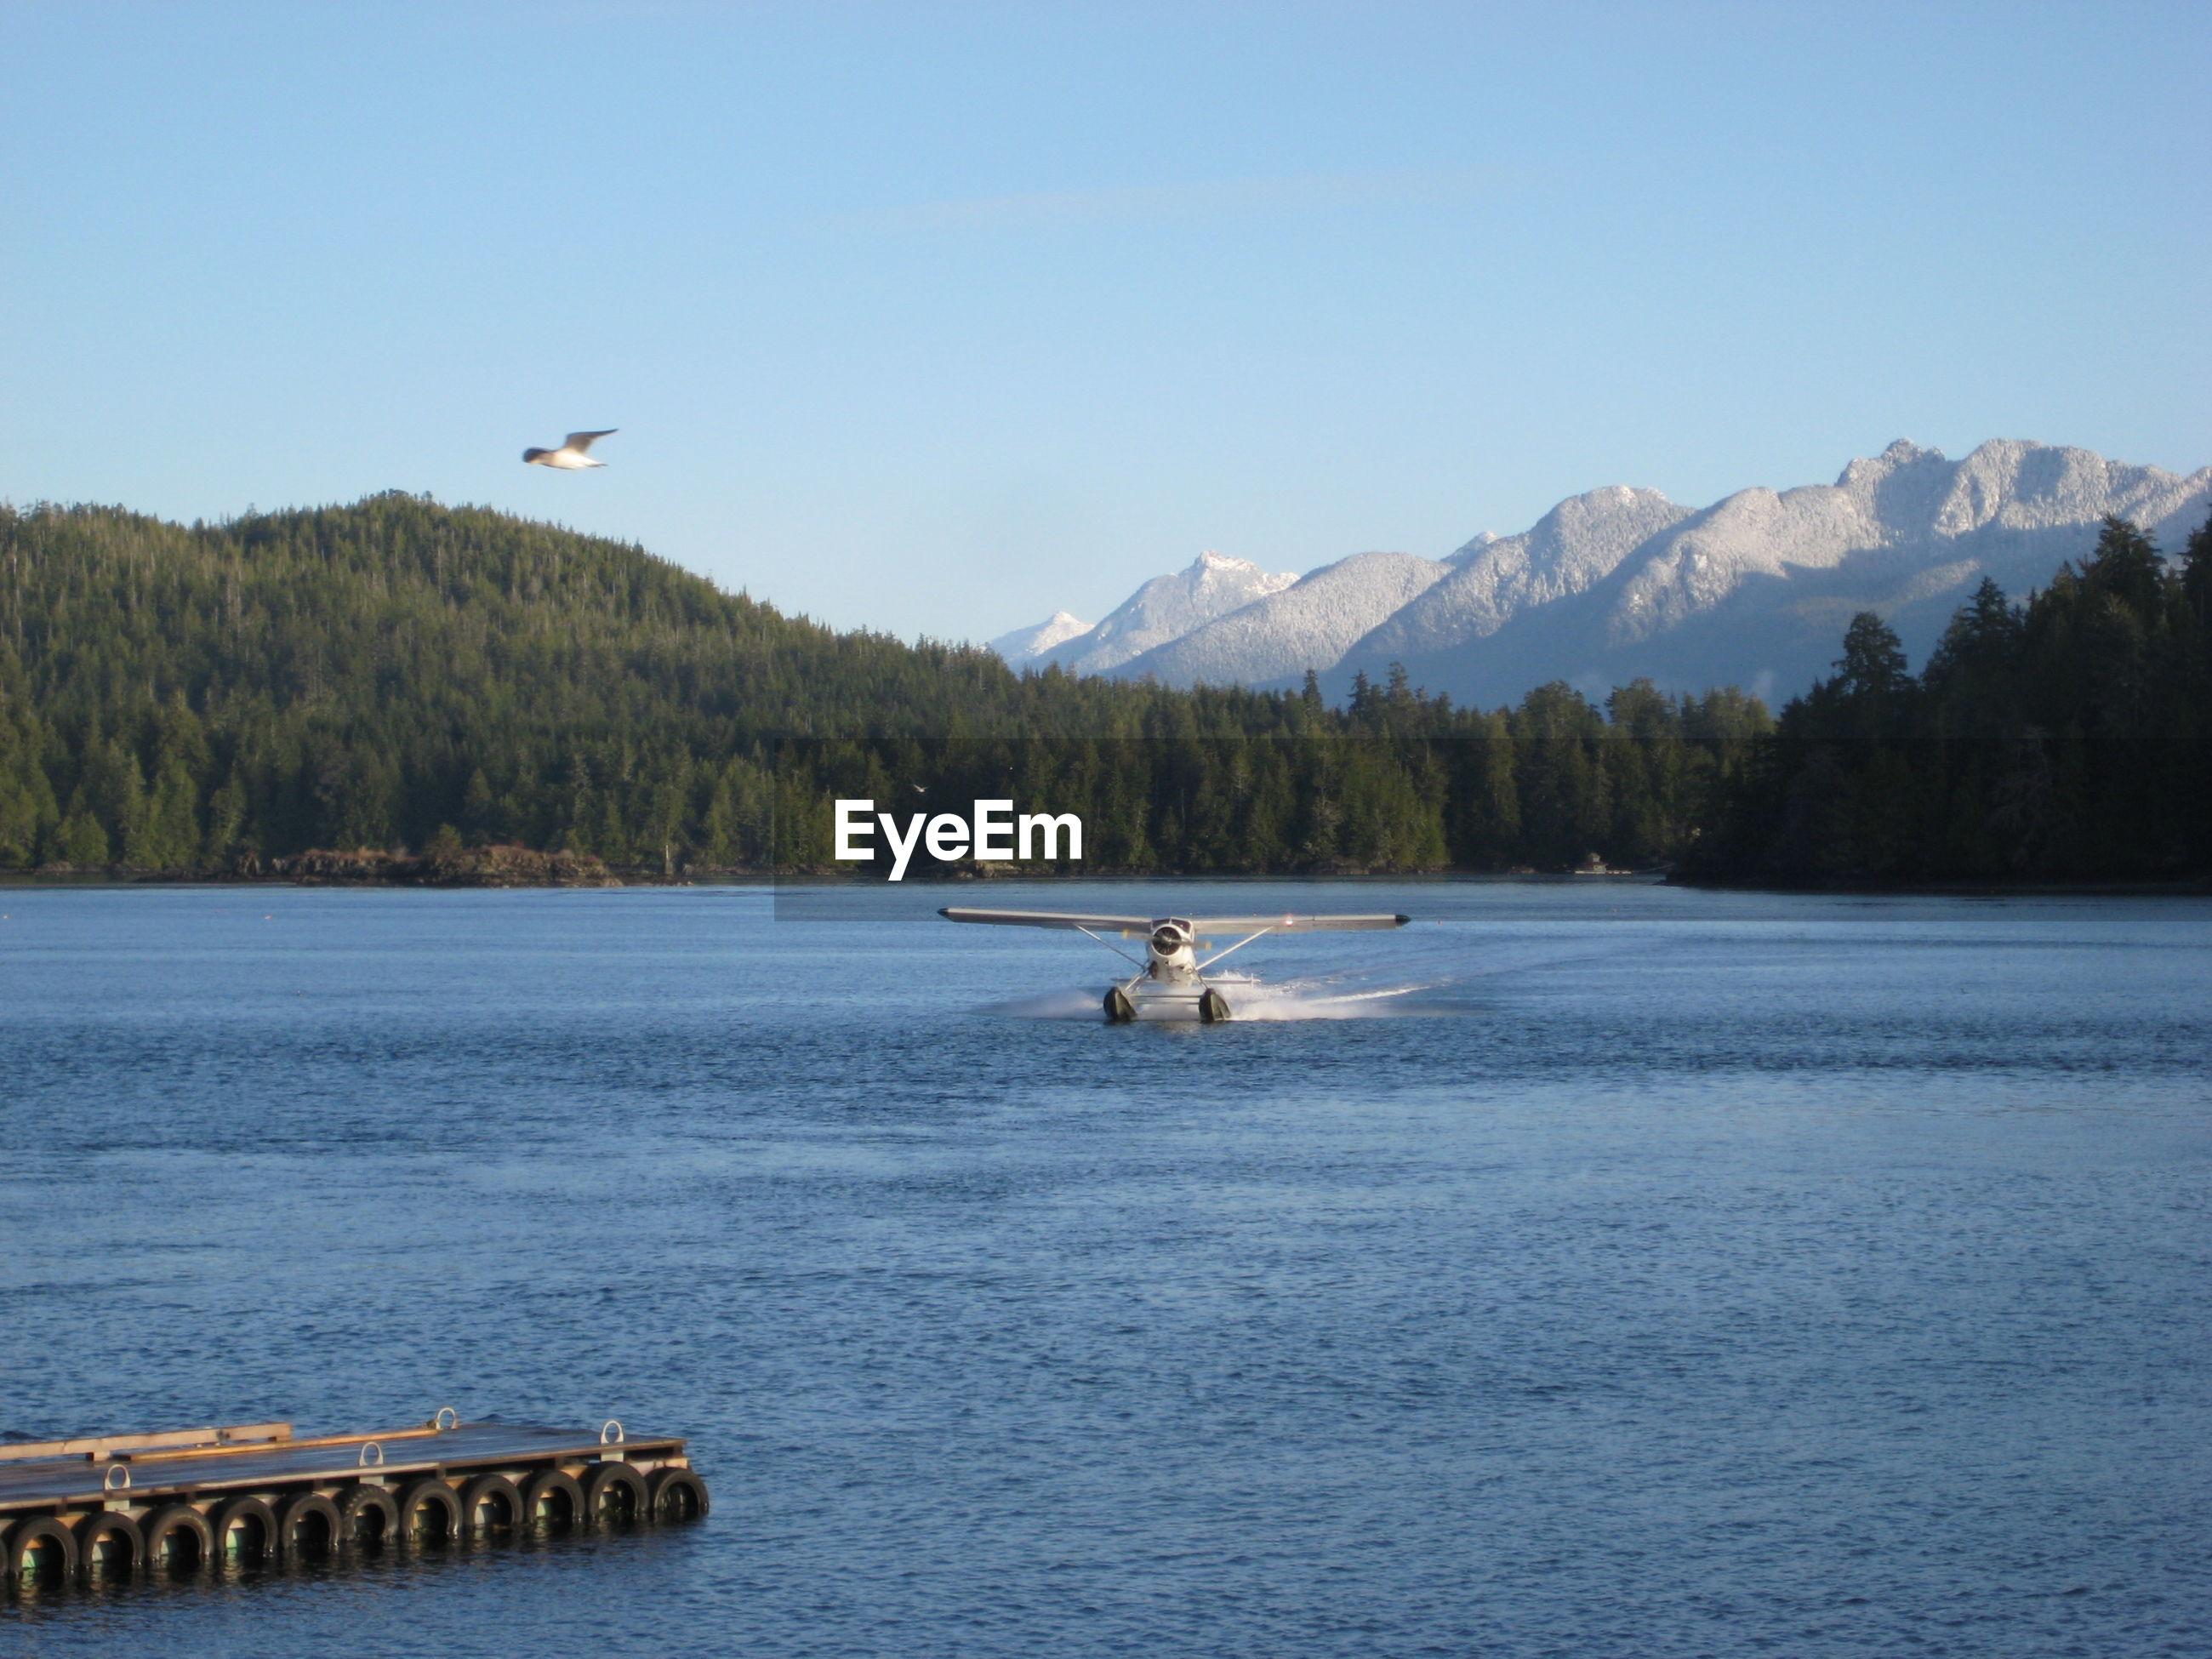 Seaplane over lake against sky